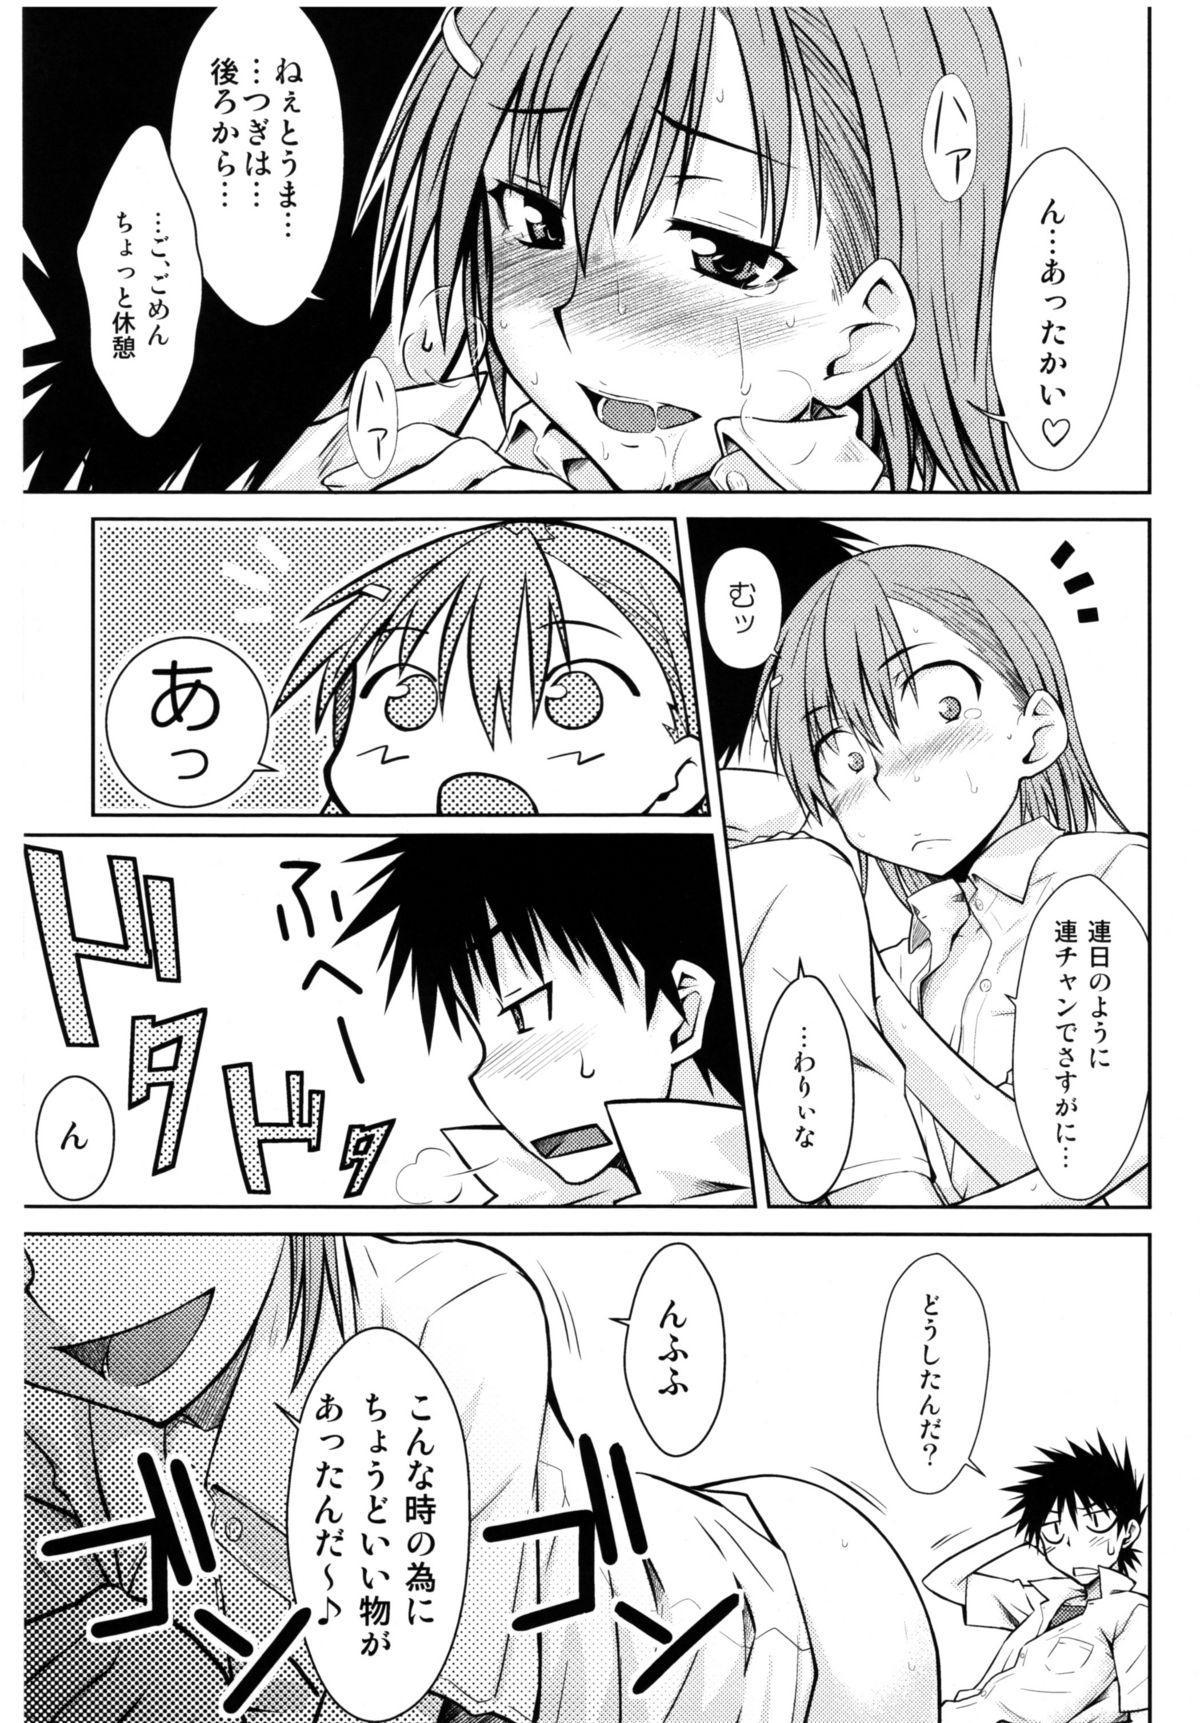 Toaru Himitsu no Onee-sama 19